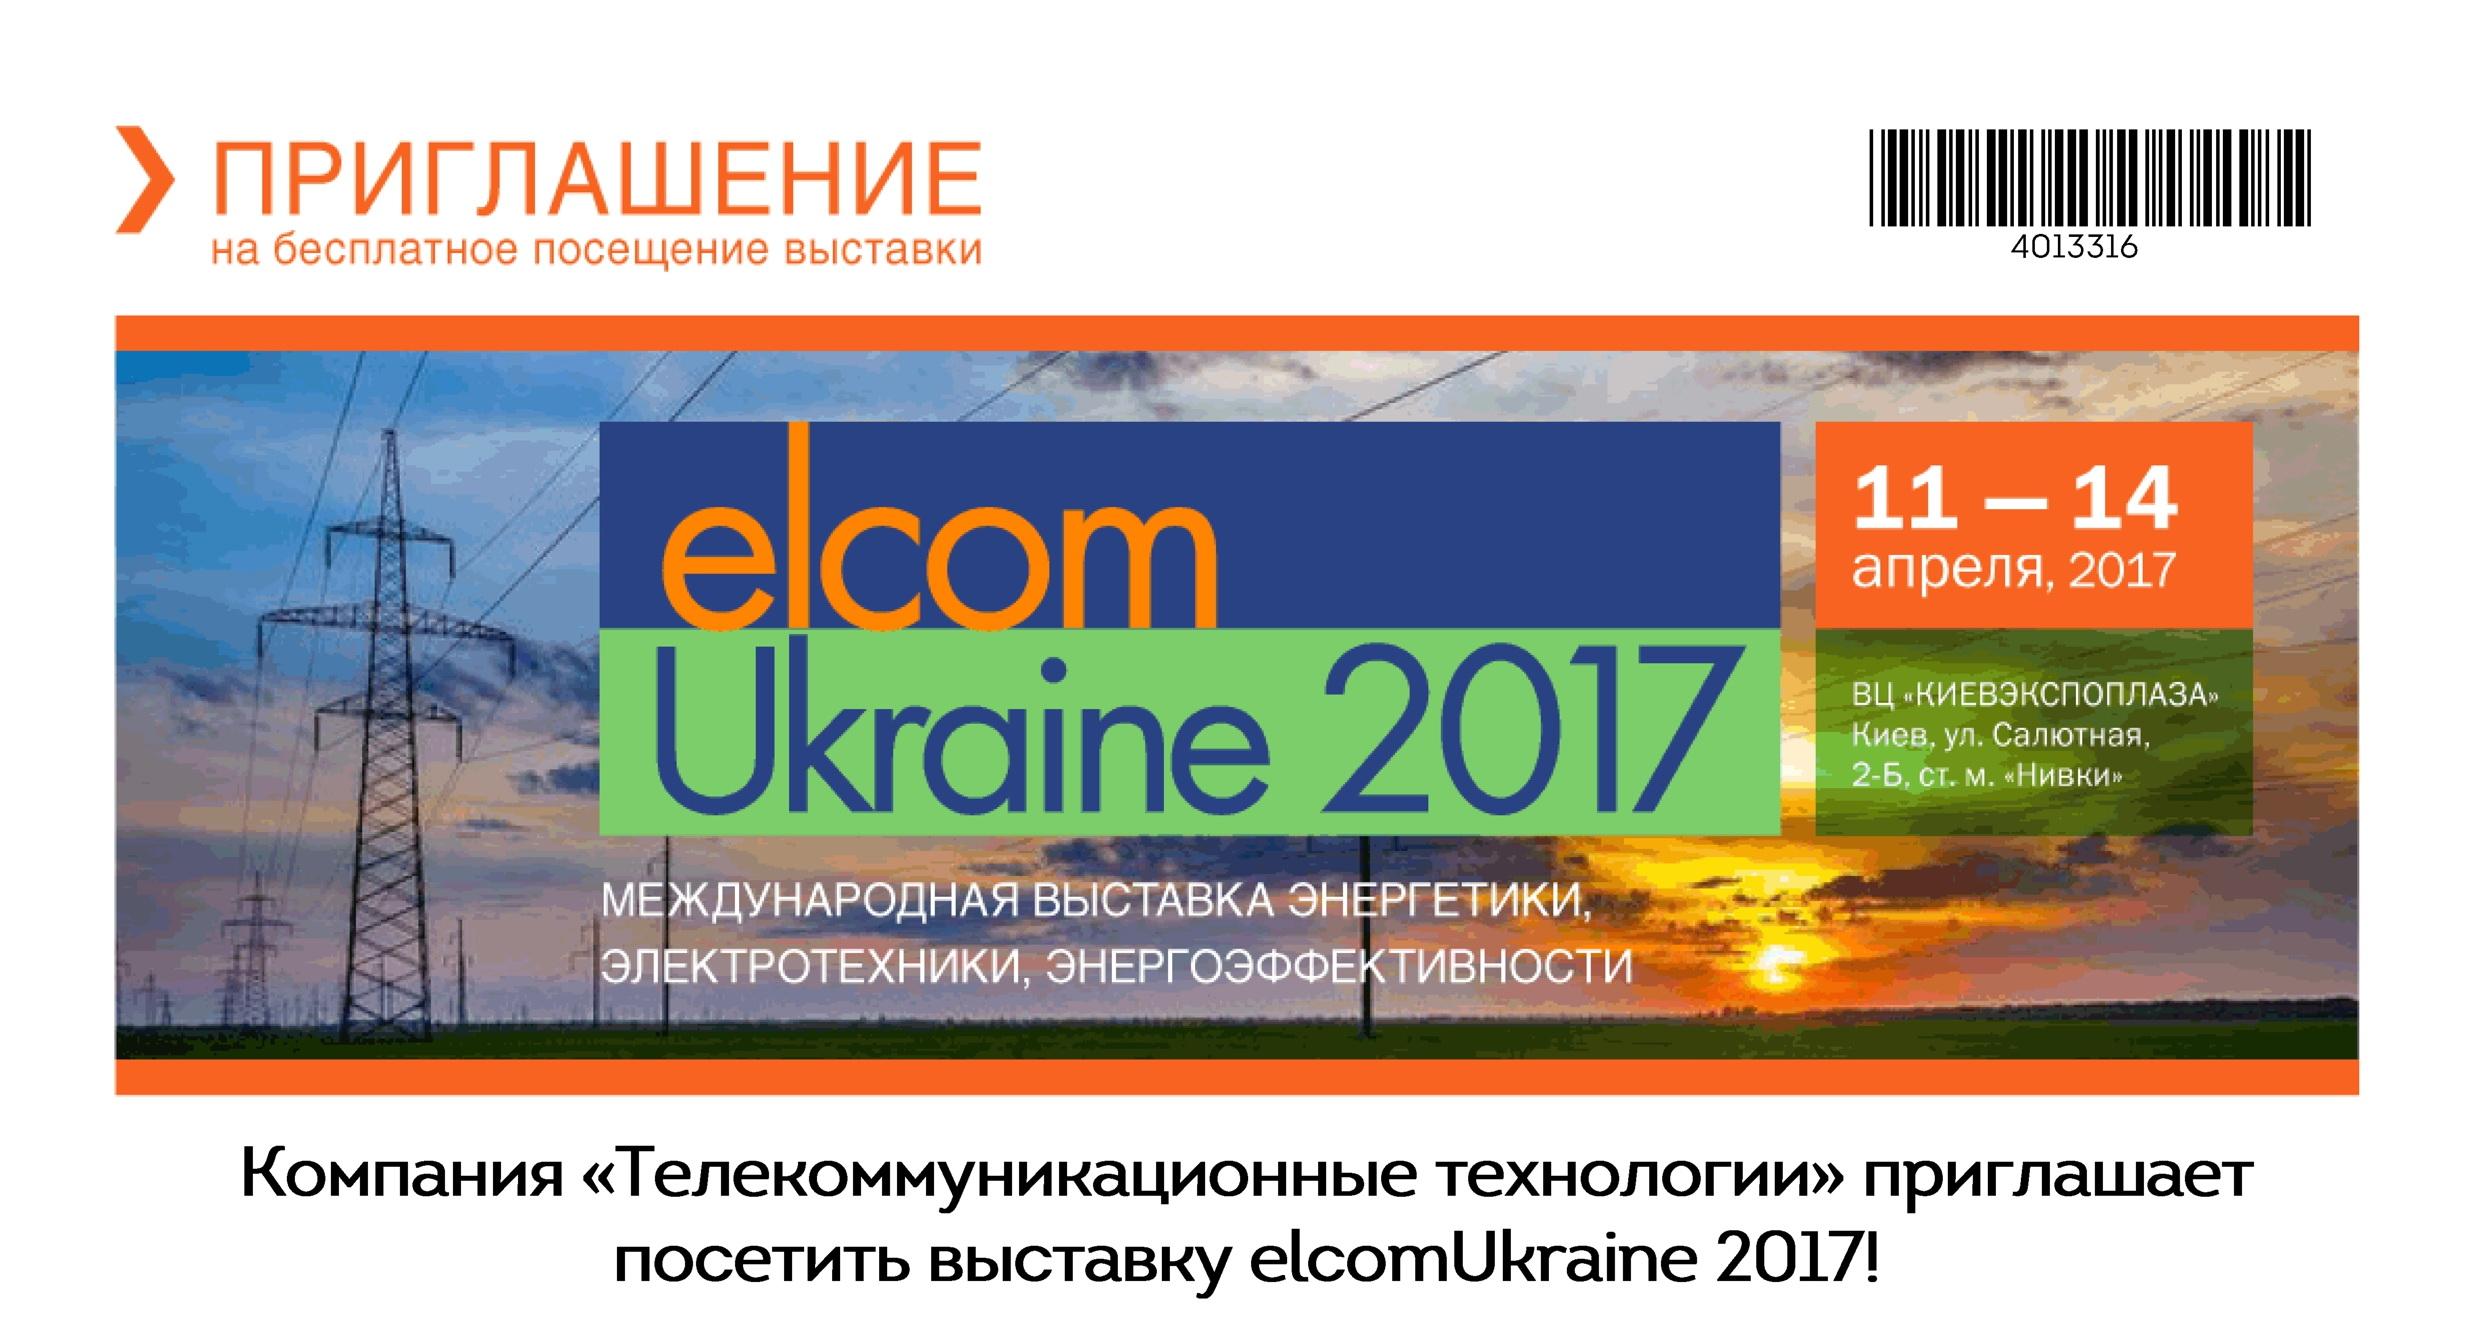 Приглашение на международную выставку elcomUkraine 2017.